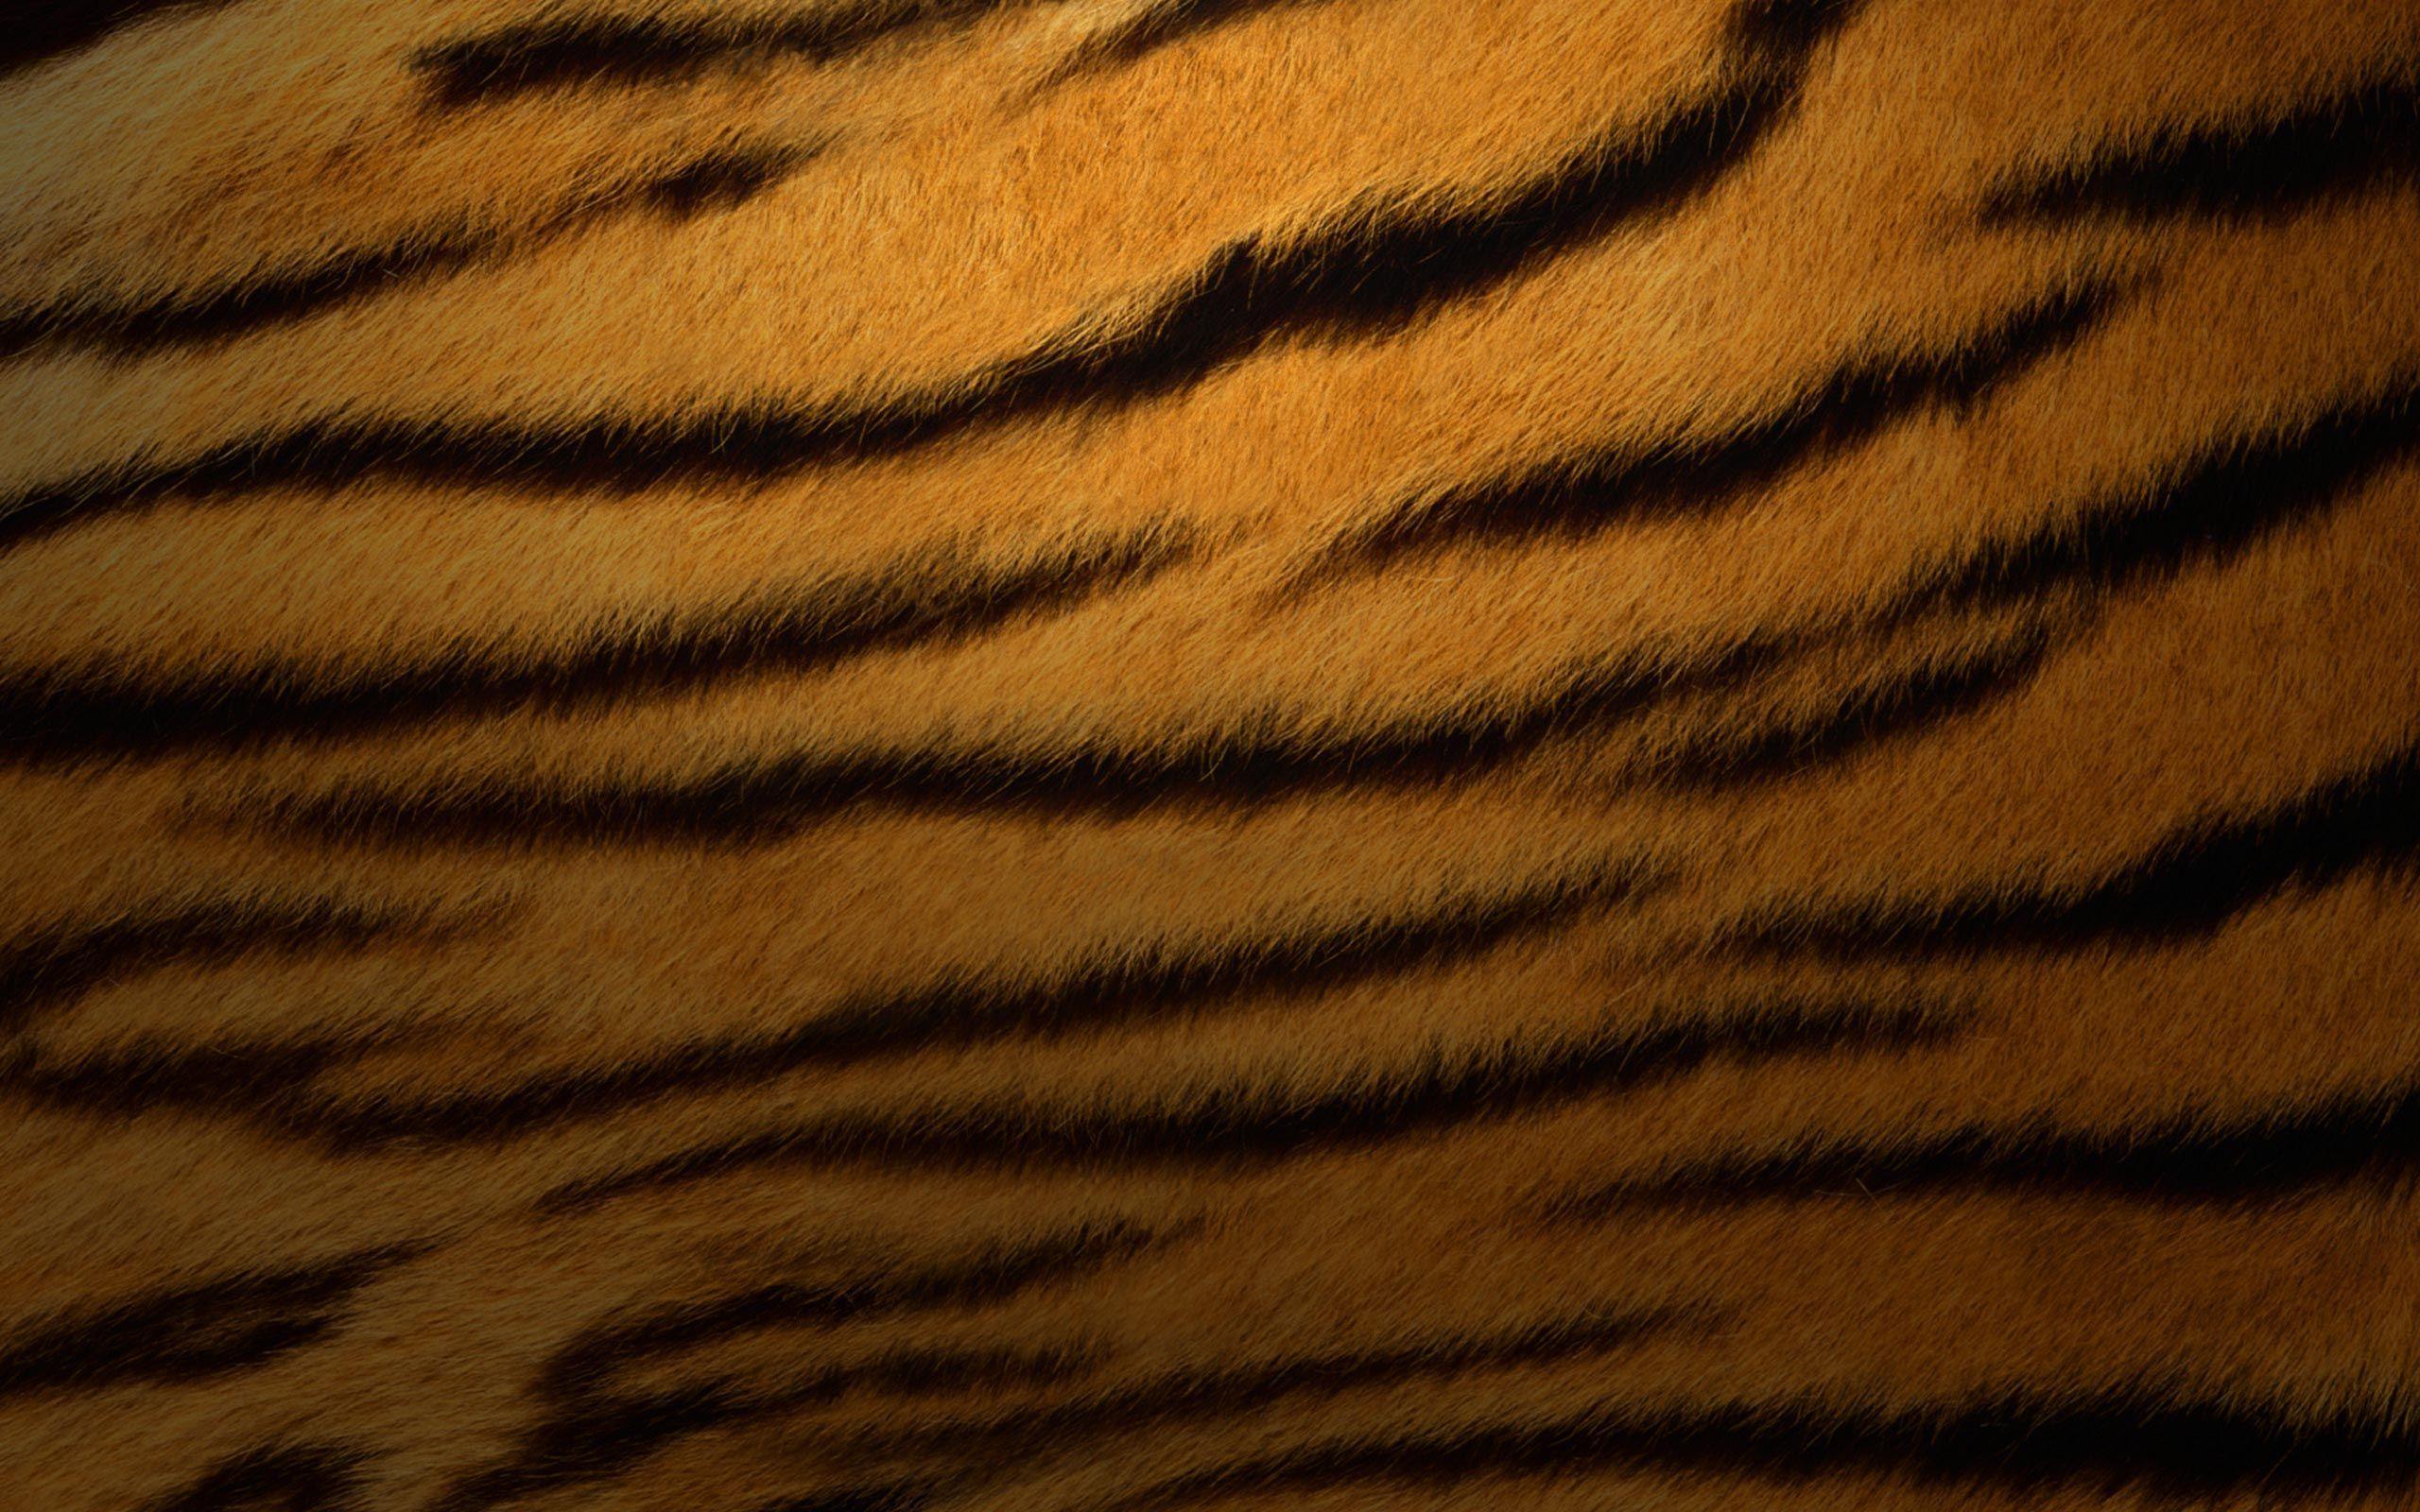 Tiger Fur Wallpaper - WallpaperSafari